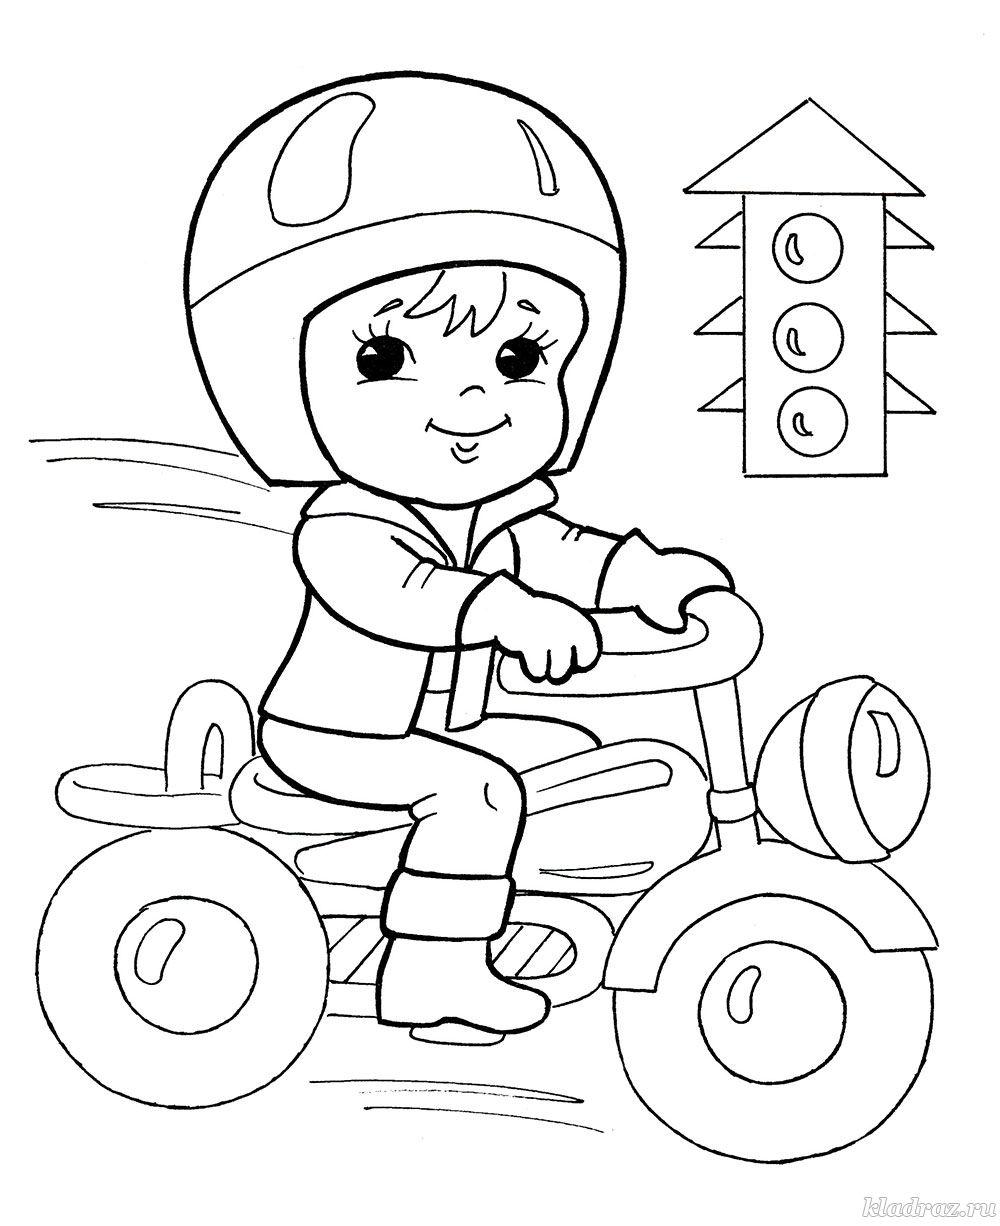 раскраска для детей 4 7 лет мальчик на мобеде